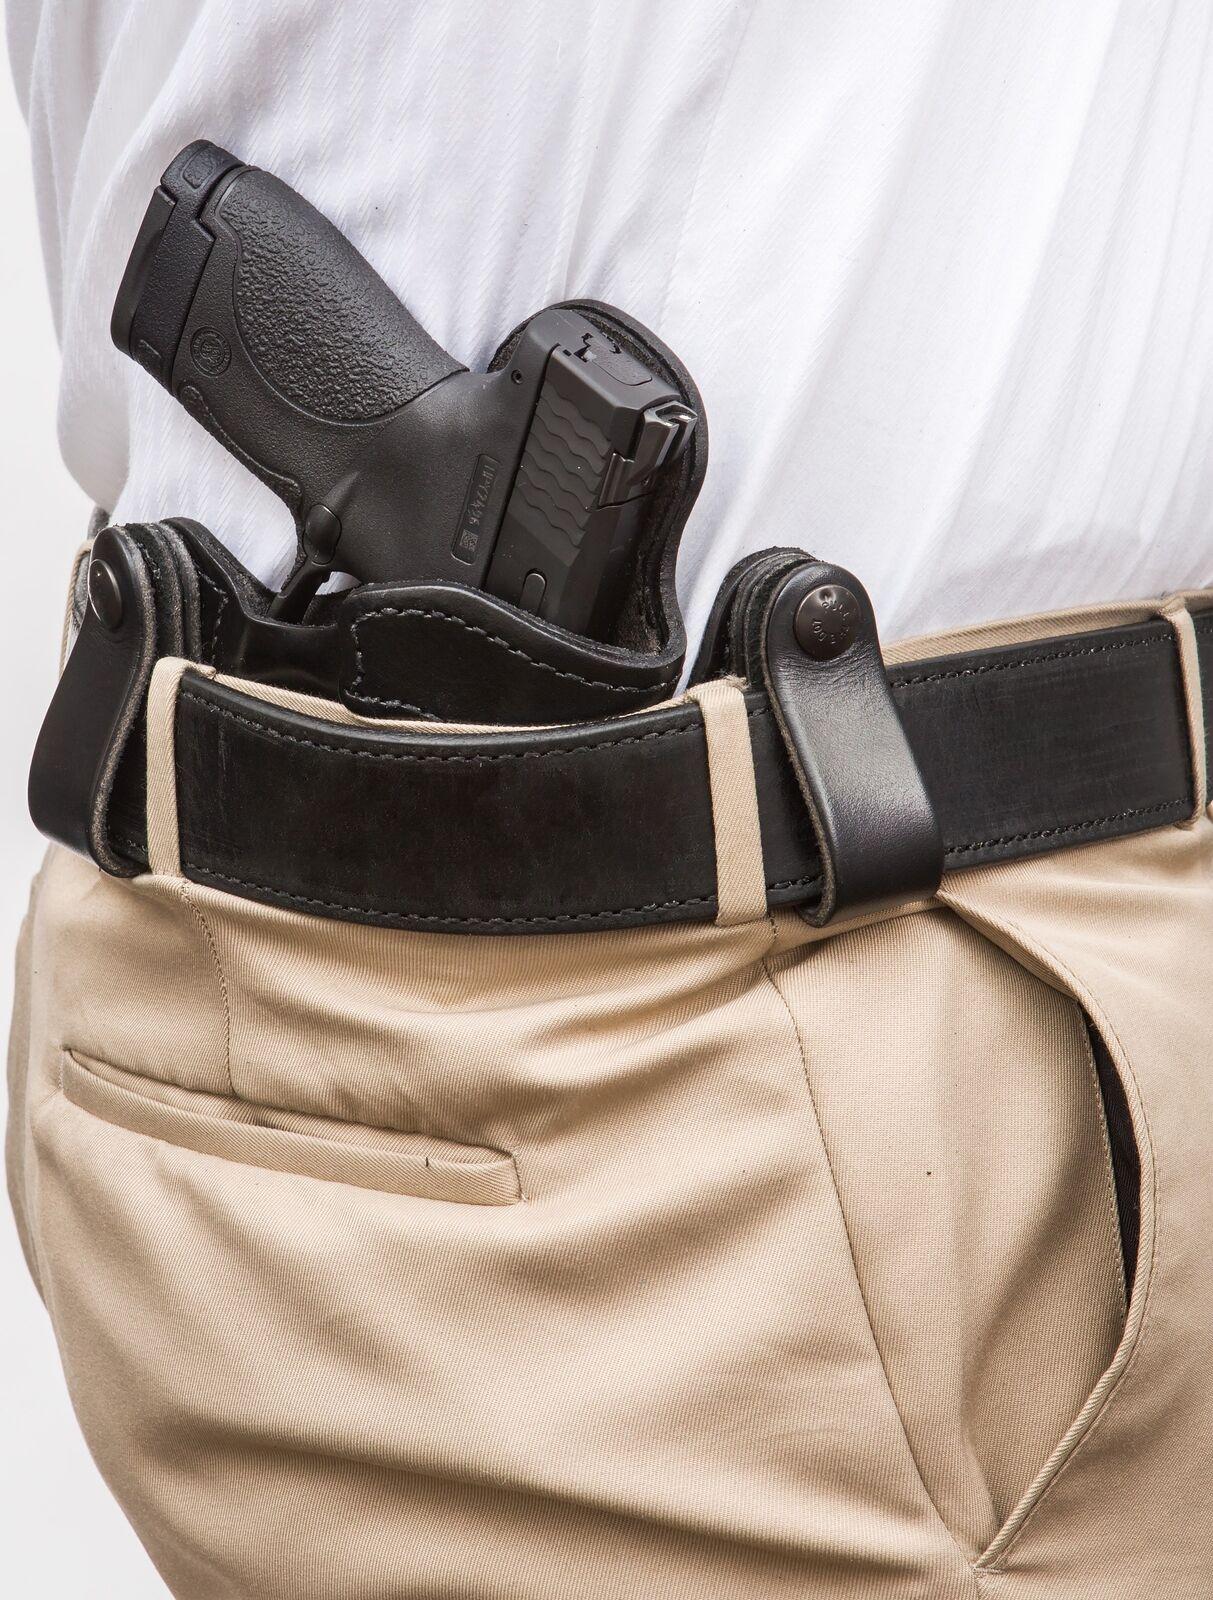 XTREME CARRY RH LH IWB Leder Gun Holster For 3